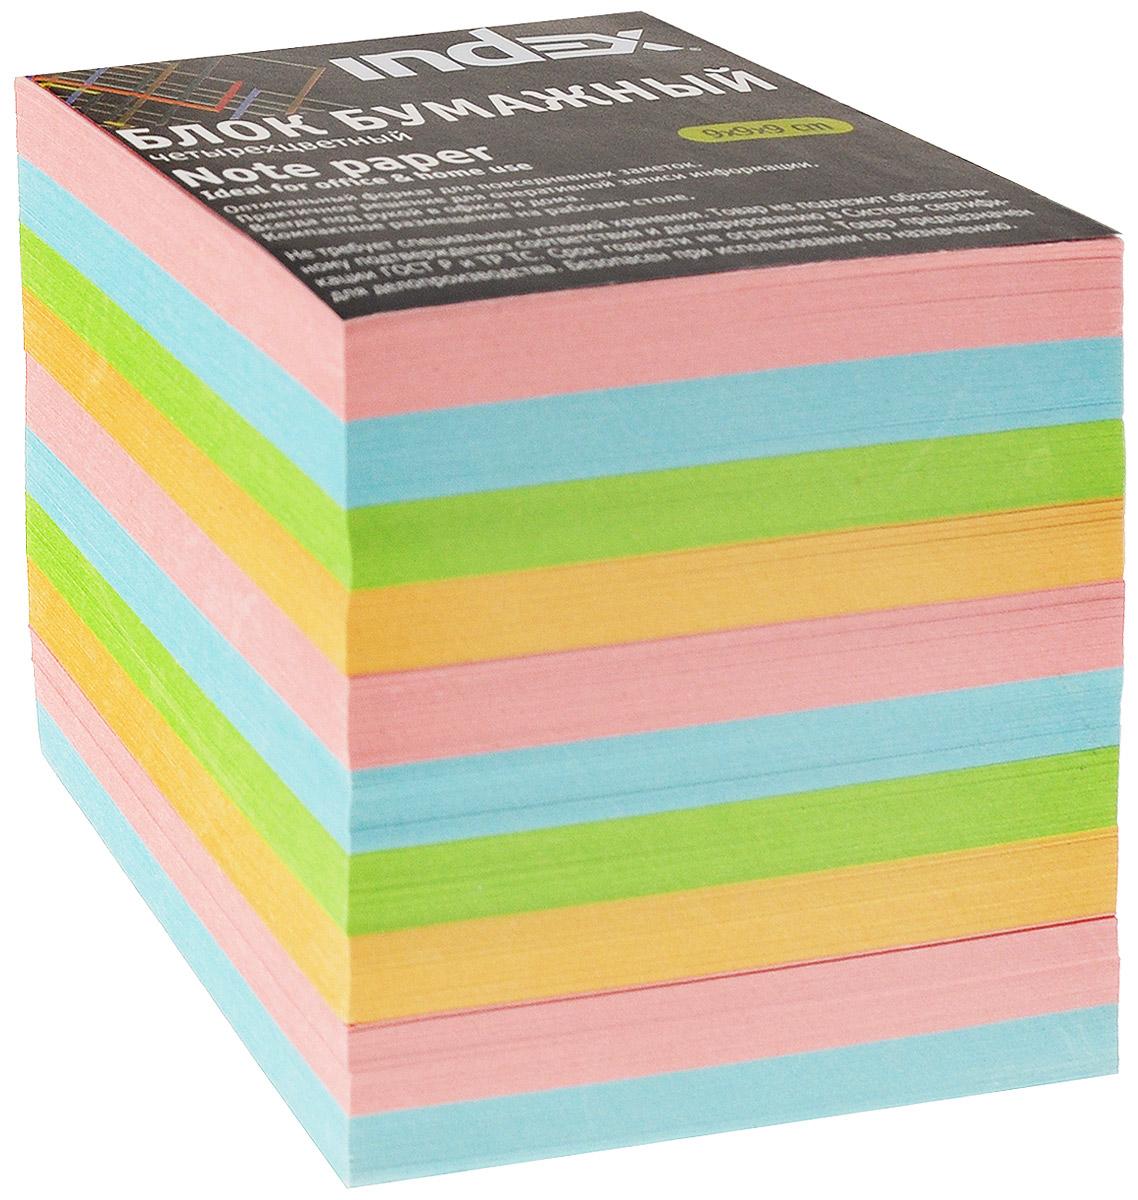 Index Блок для записей цвет желтый салатовый голубой розовый0703415Бумага для записей Index - практичное решение для оперативной записи информации в офисе или дома. Блок состоит из листов разноцветной бумаги, что помогает лучше ориентироваться во множестве повседневных заметок.А яркий блок-кубик на вашем рабочем столе поднимет настроение вам и вашим коллегам!